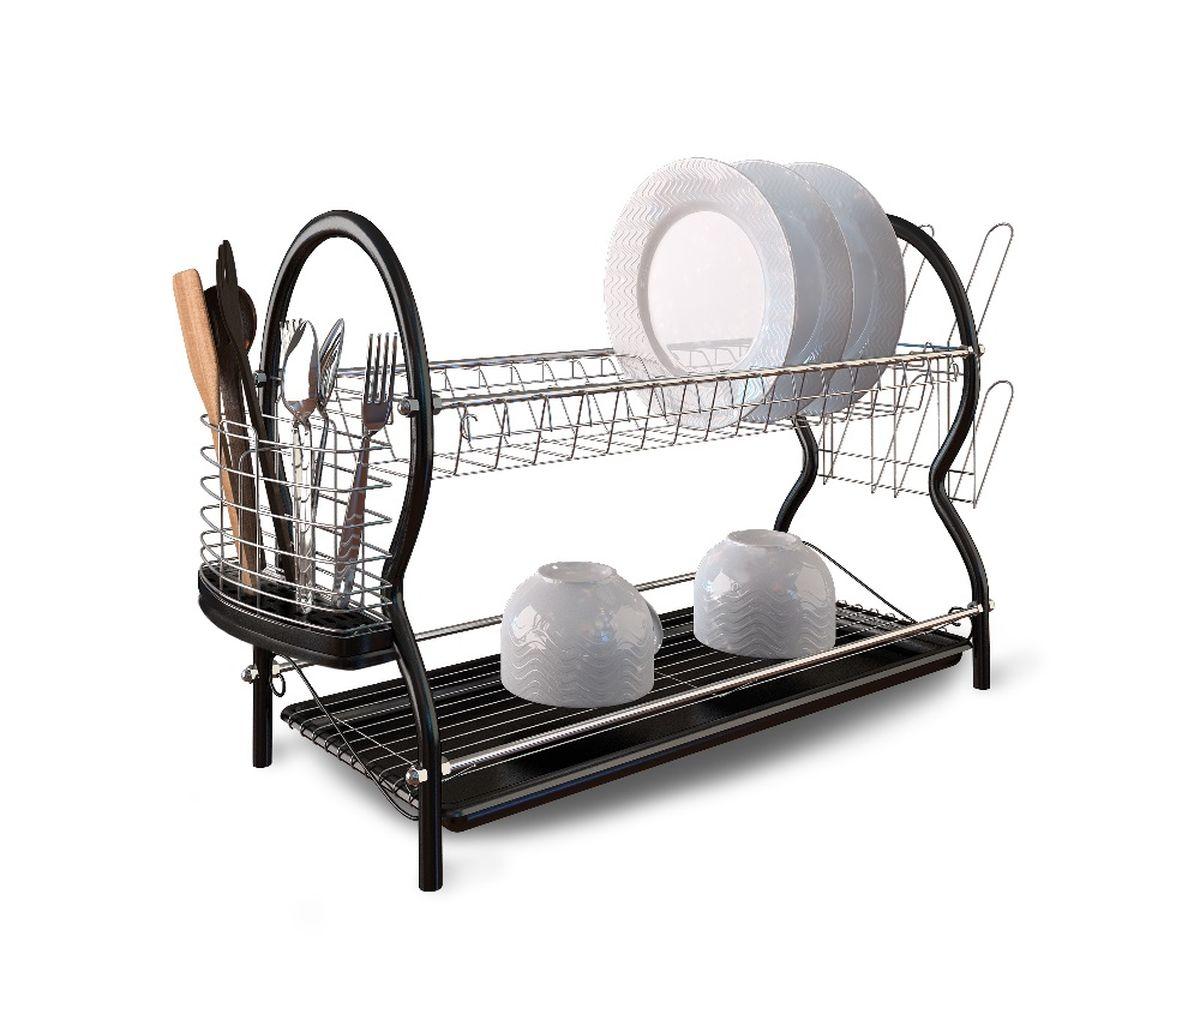 Сушилка для посуды Walmer, двухъярусная, с поддоном, 55,5 x 23,5 x 38,5 смVT-1520(SR)Двухъярусная сушилка Walmer, изготовленная из стали, представляет собой решетку с ячейками для посуды и держателями для стаканов и столовых приборов. Изделие оснащено пластиковым поддоном для стекания воды. Сушилка не займет много места на вашей кухне. Вы сможете разместить на ней большое количество предметов. Компактные размеры и оригинальный дизайн выделяют эту сушилку из ряда подобных.Размер сушилки: 55,5 x 23,5 x 38,5 см.